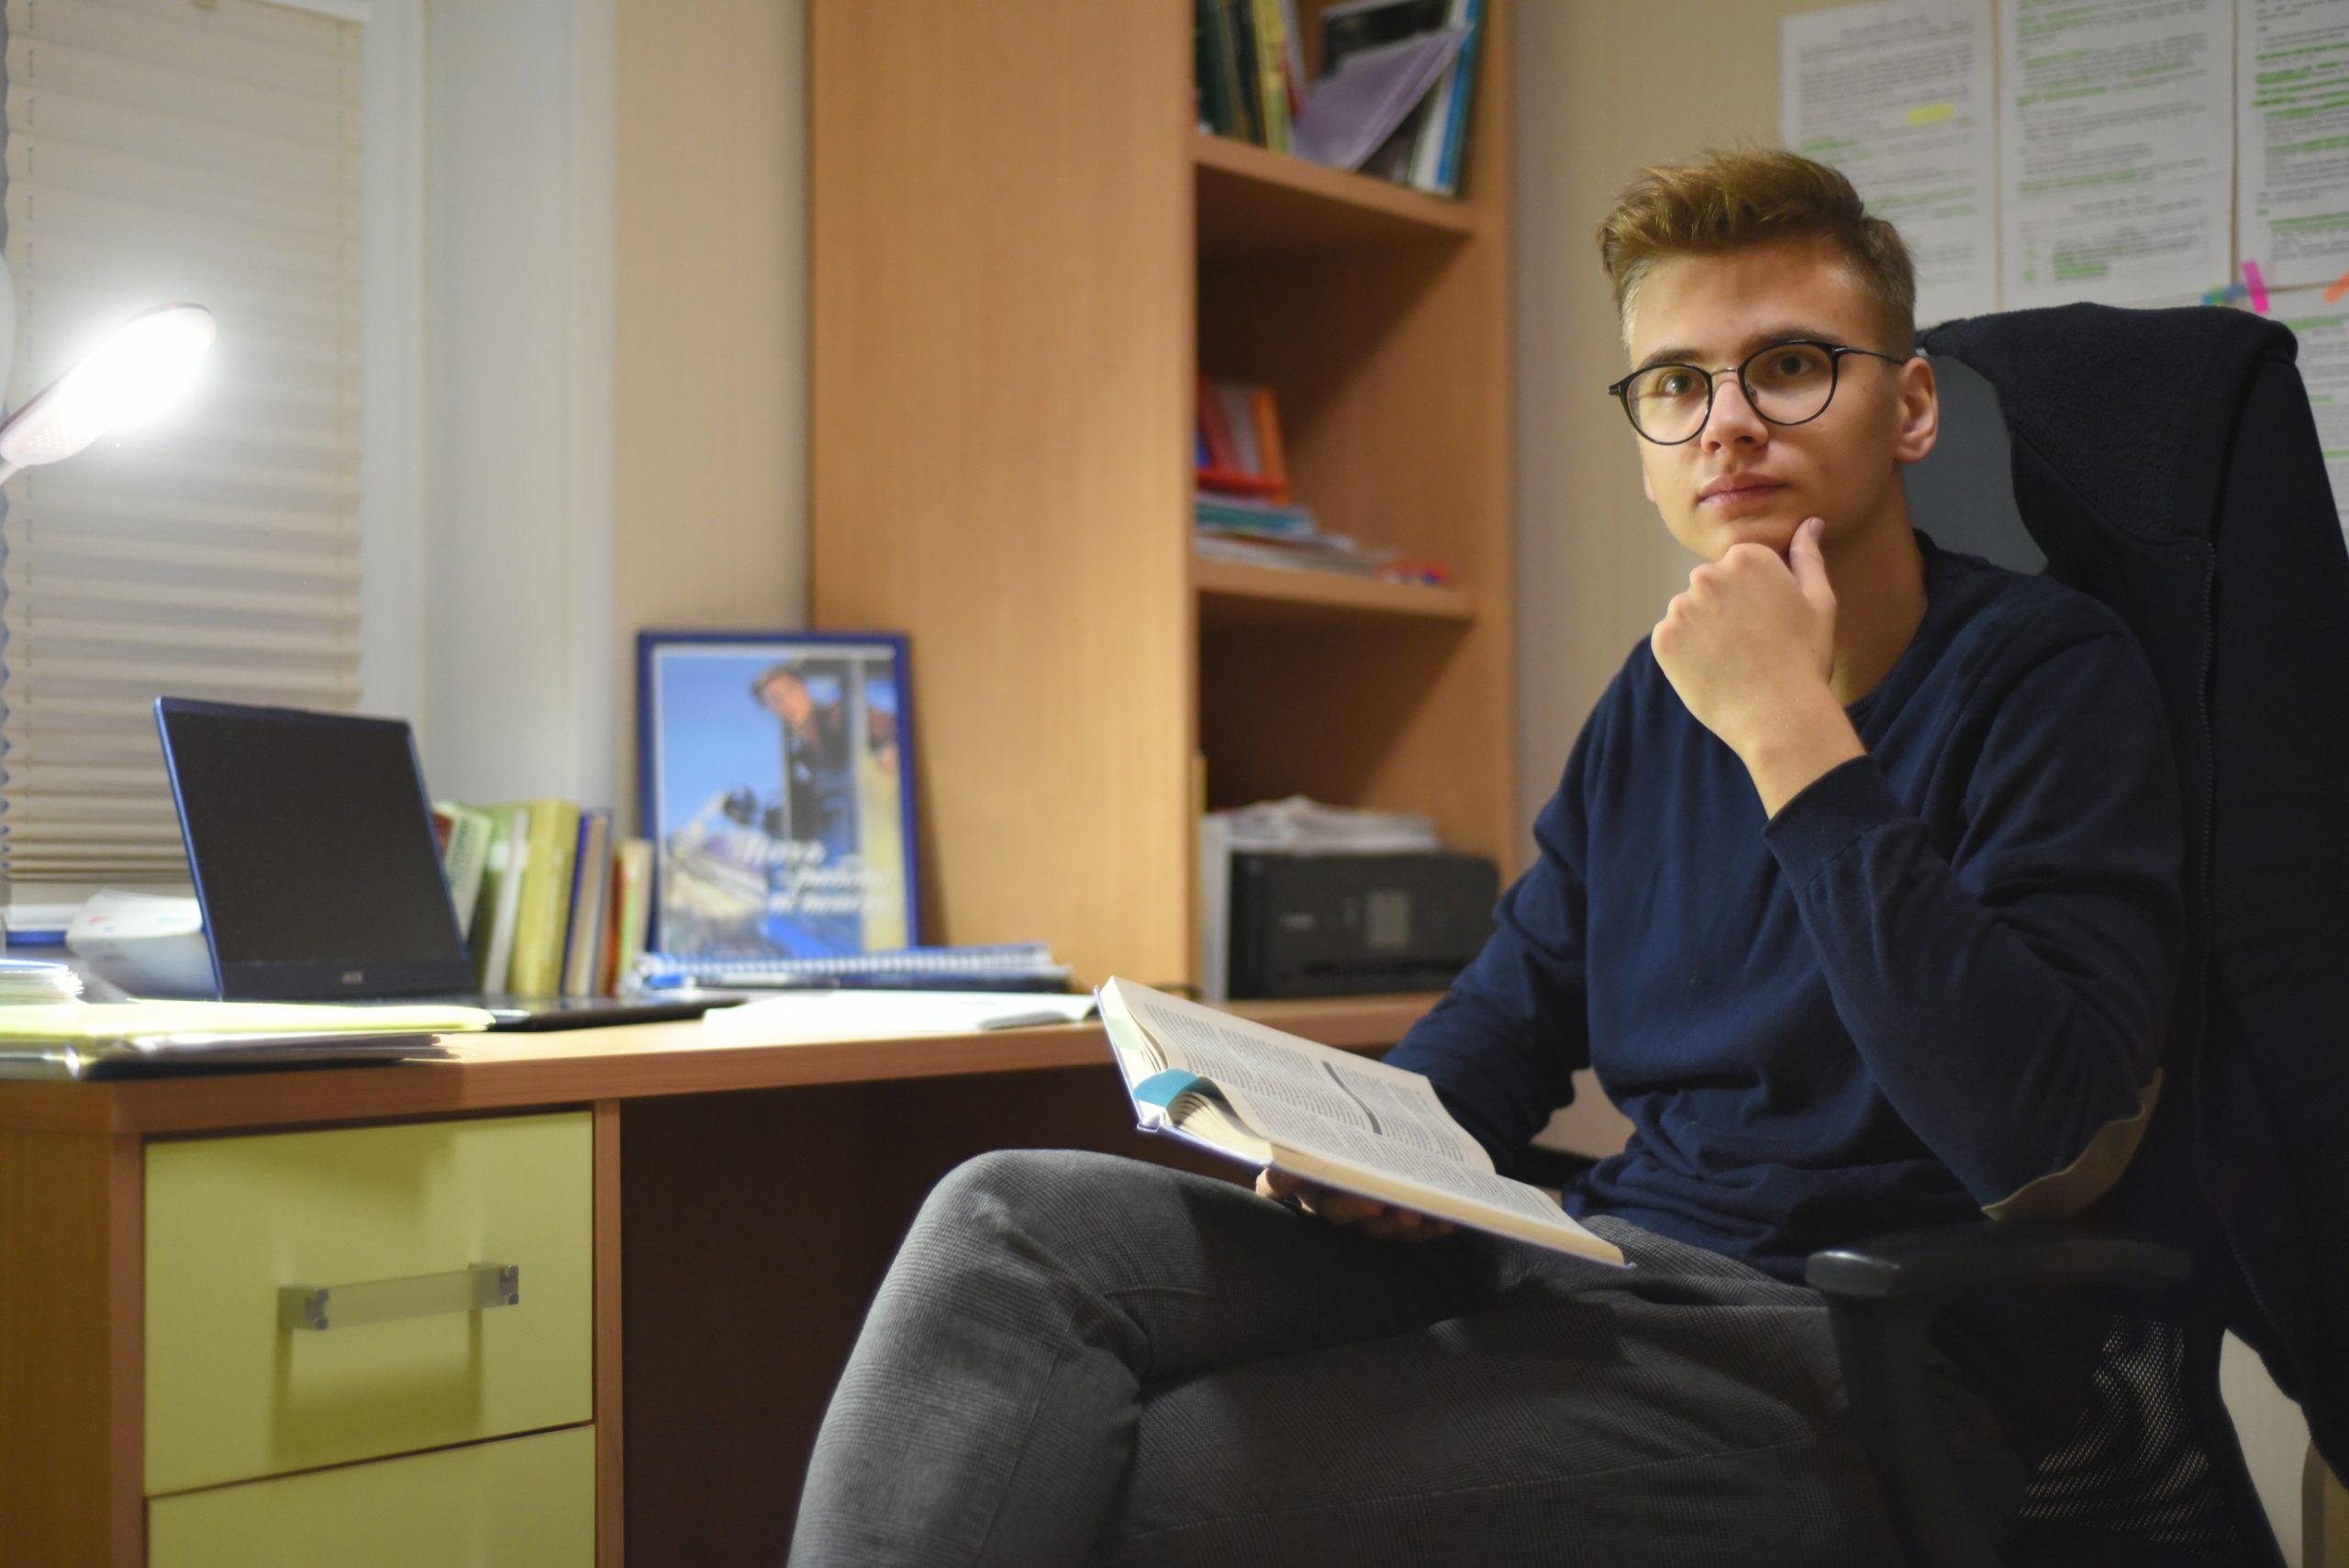 Цифровая мода: школьников Донского пригласили на мастер-класс